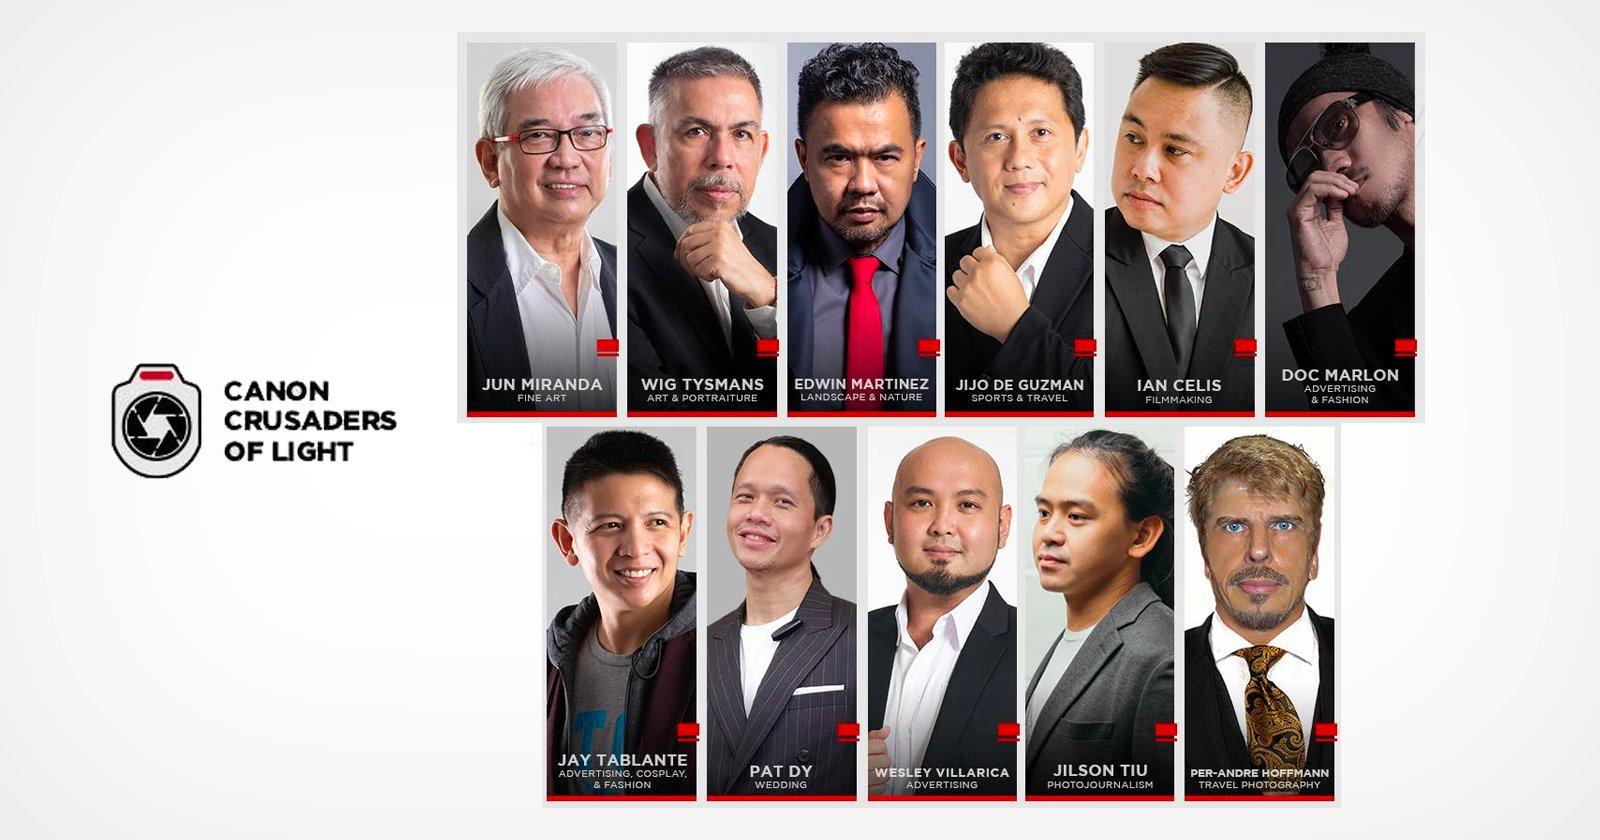 Canon criticata per la formazione di soli ambasciatori maschili nelle Filippine